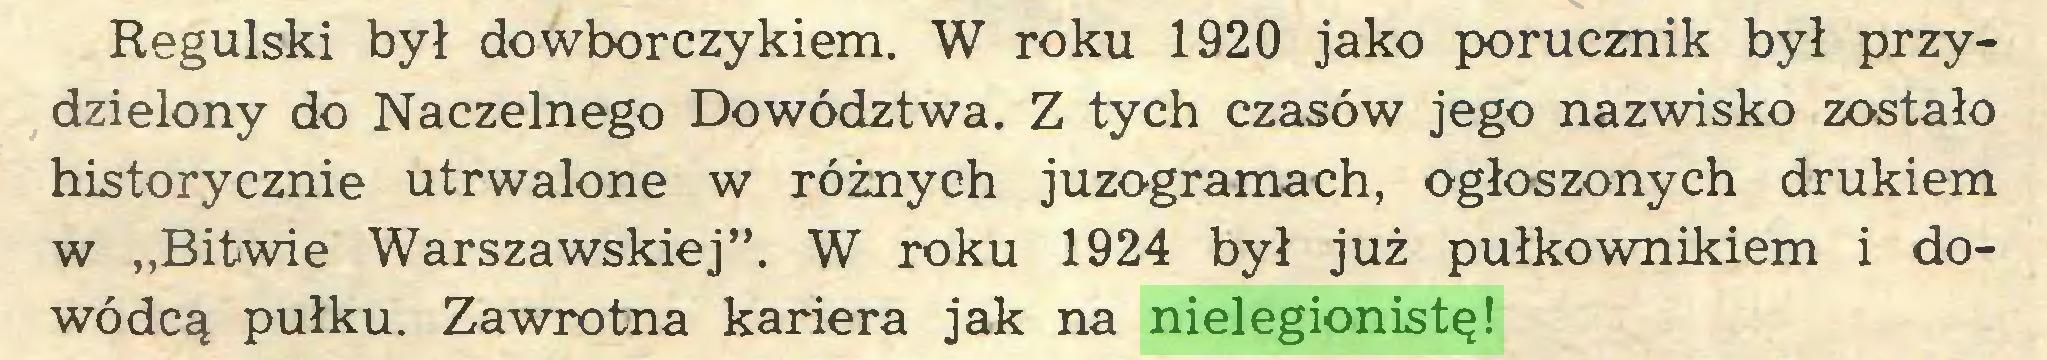 """(...) Regulski był dowborczykiem. W roku 1920 jako porucznik był przydzielony do Naczelnego Dowództwa. Z tych czasów jego nazwisko zostało historycznie utrwalone w różnych juzogramach, ogłoszonych drukiem w """"Bitwie Warszawskiej"""". W roku 1924 był już pułkownikiem i dowódcą pułku. Zawrotna kariera jak na nielegionistę!..."""